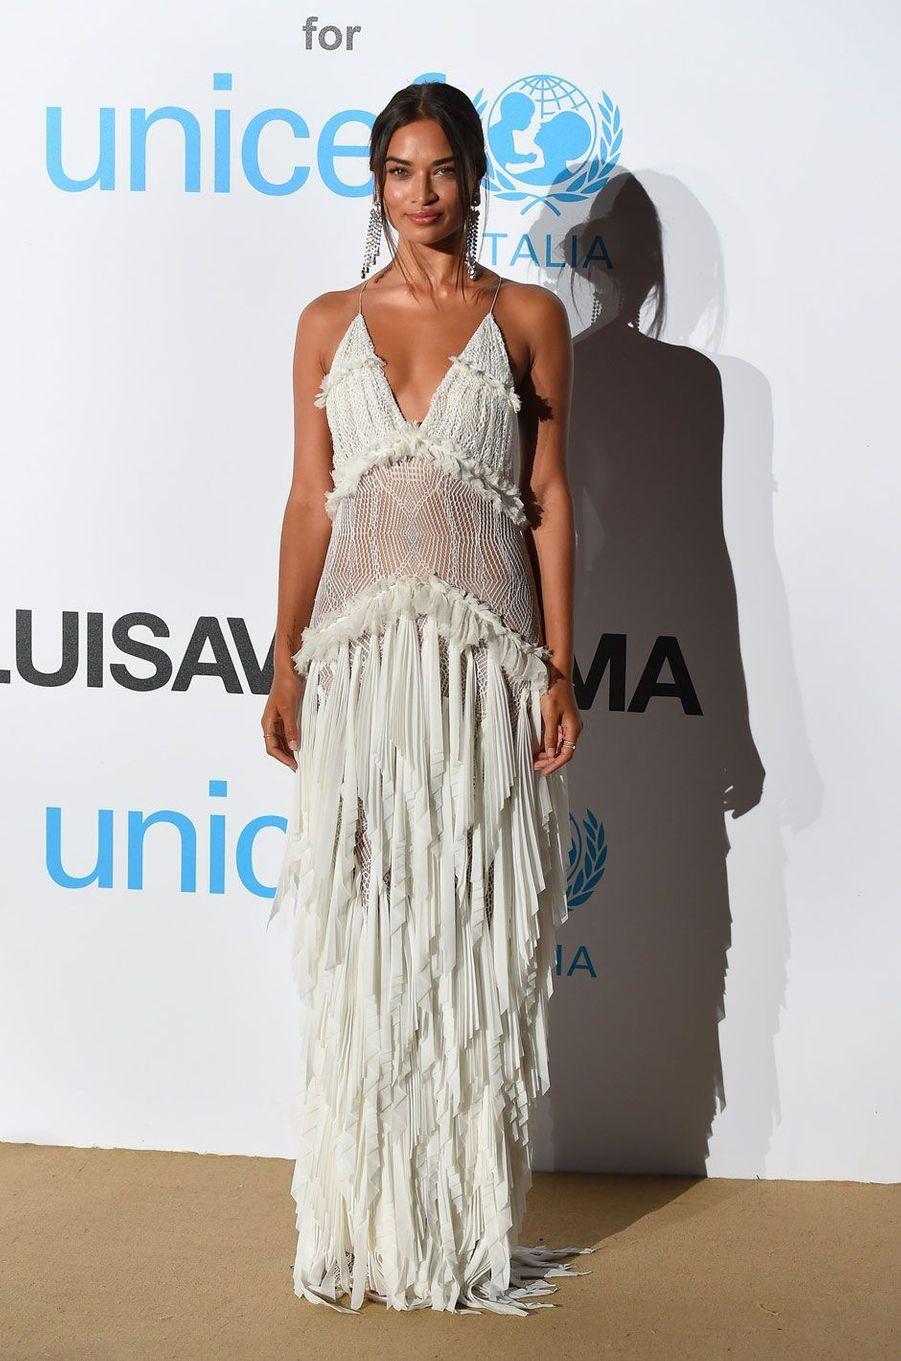 Shanina Shaik au gala de l'UNICEF à Porto Cervo (Sardaigne) le 10 août 2018